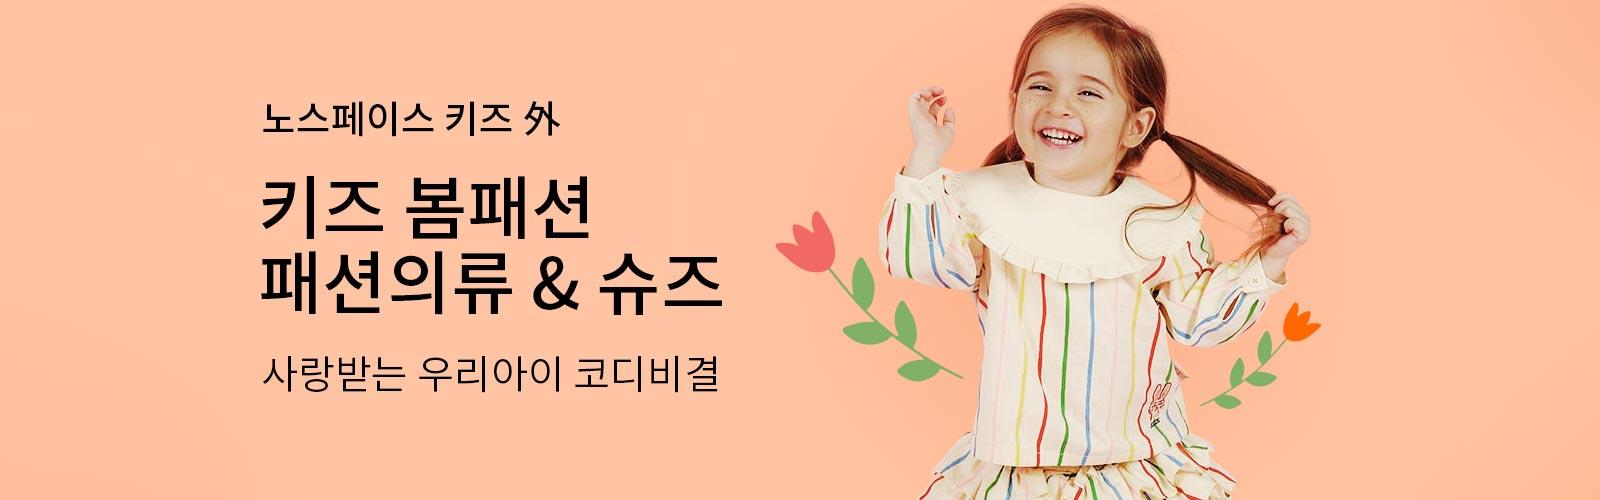 노스페이스 키즈 외 키즈 봄패션 패션의류 & 슈즈 사랑받는 우리아이 코디비결